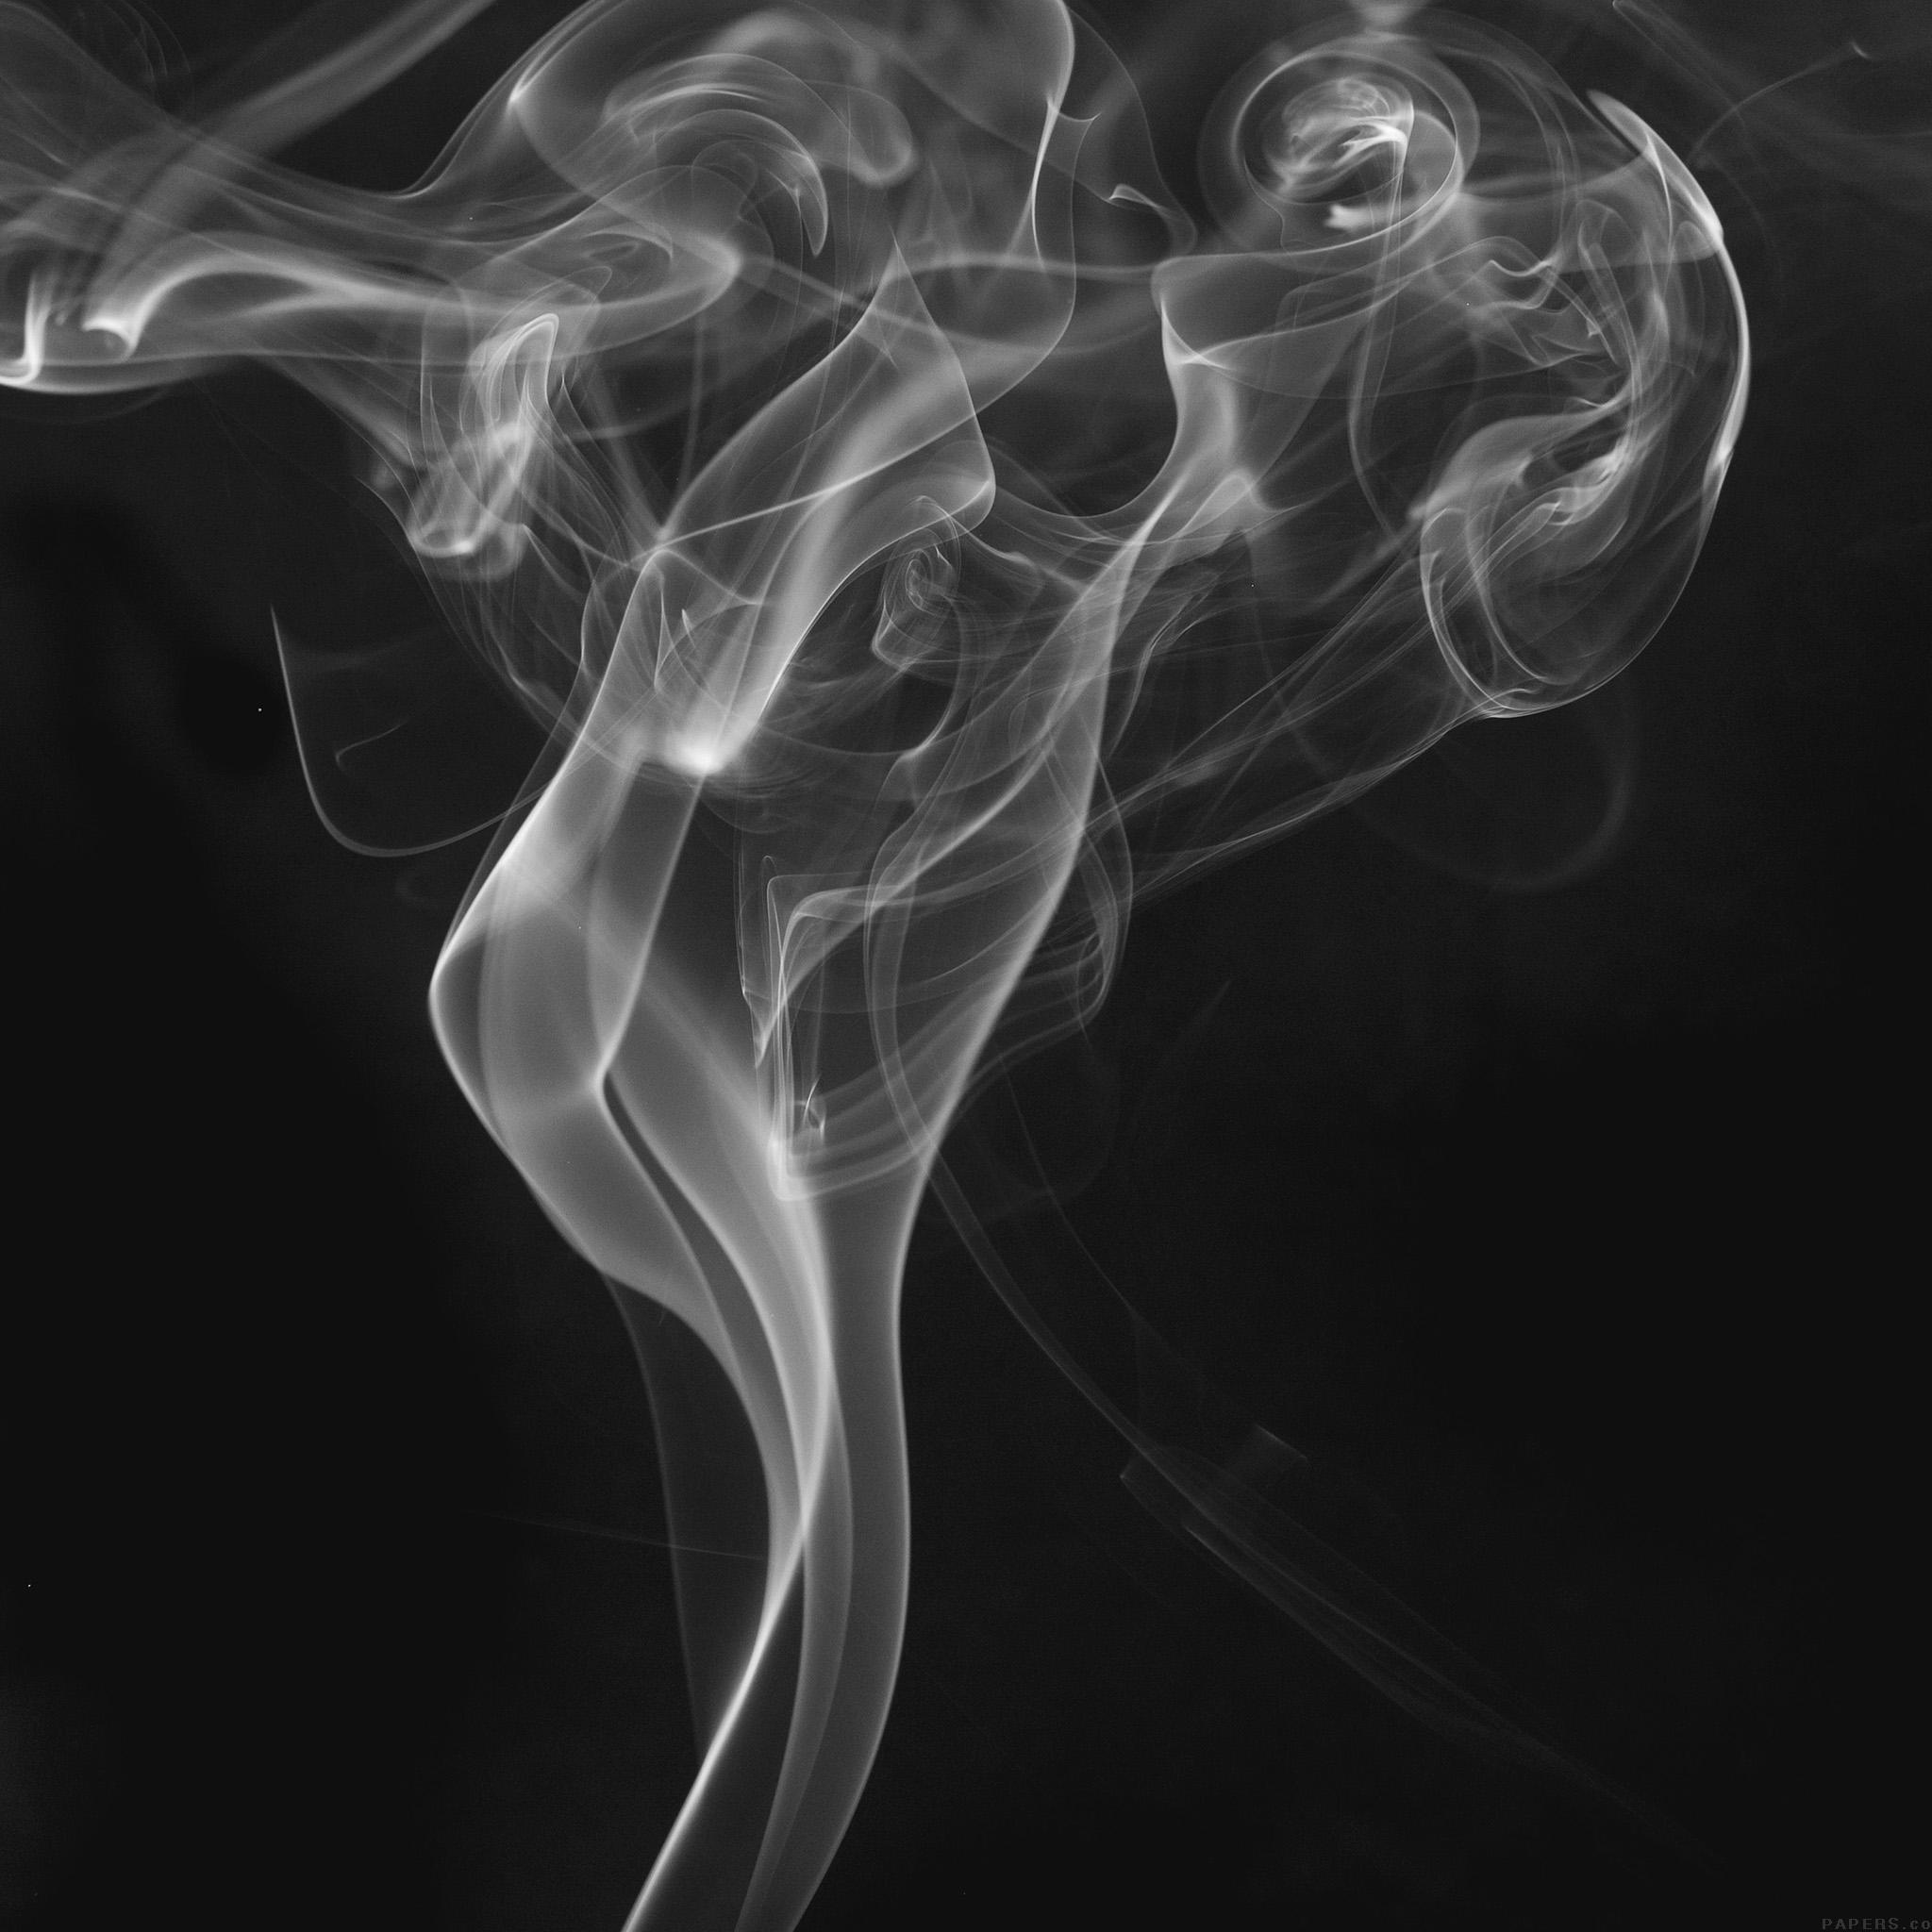 Black Smokers Essay